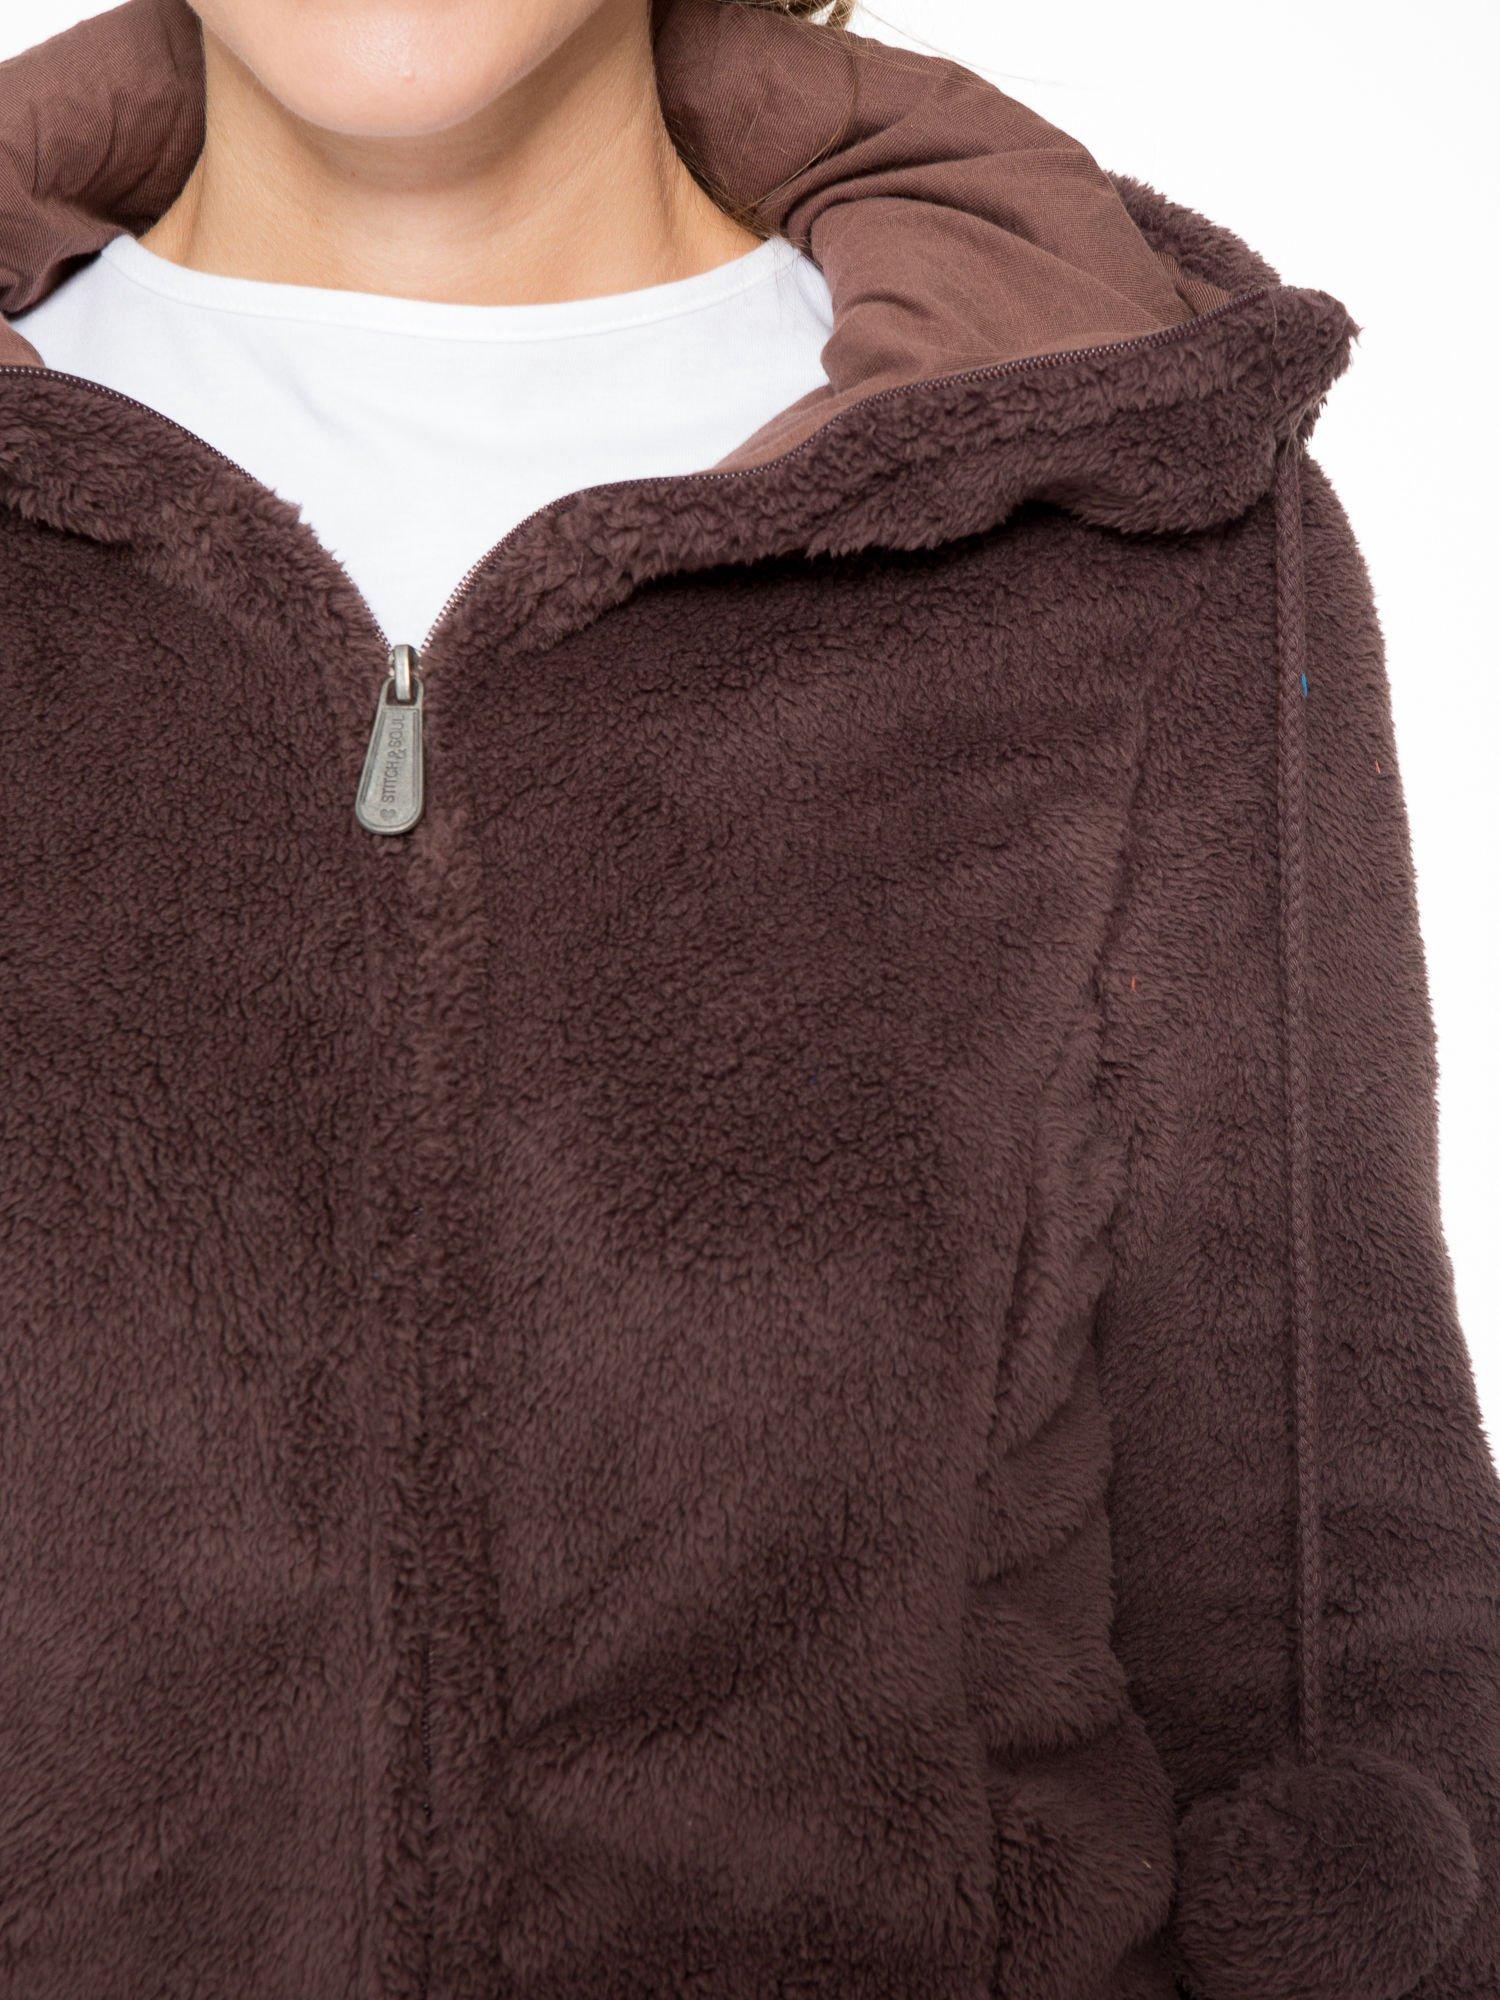 Ciemnobrązowa polarowa bluza miś z kapturem z uszkami i pomponami                                  zdj.                                  7